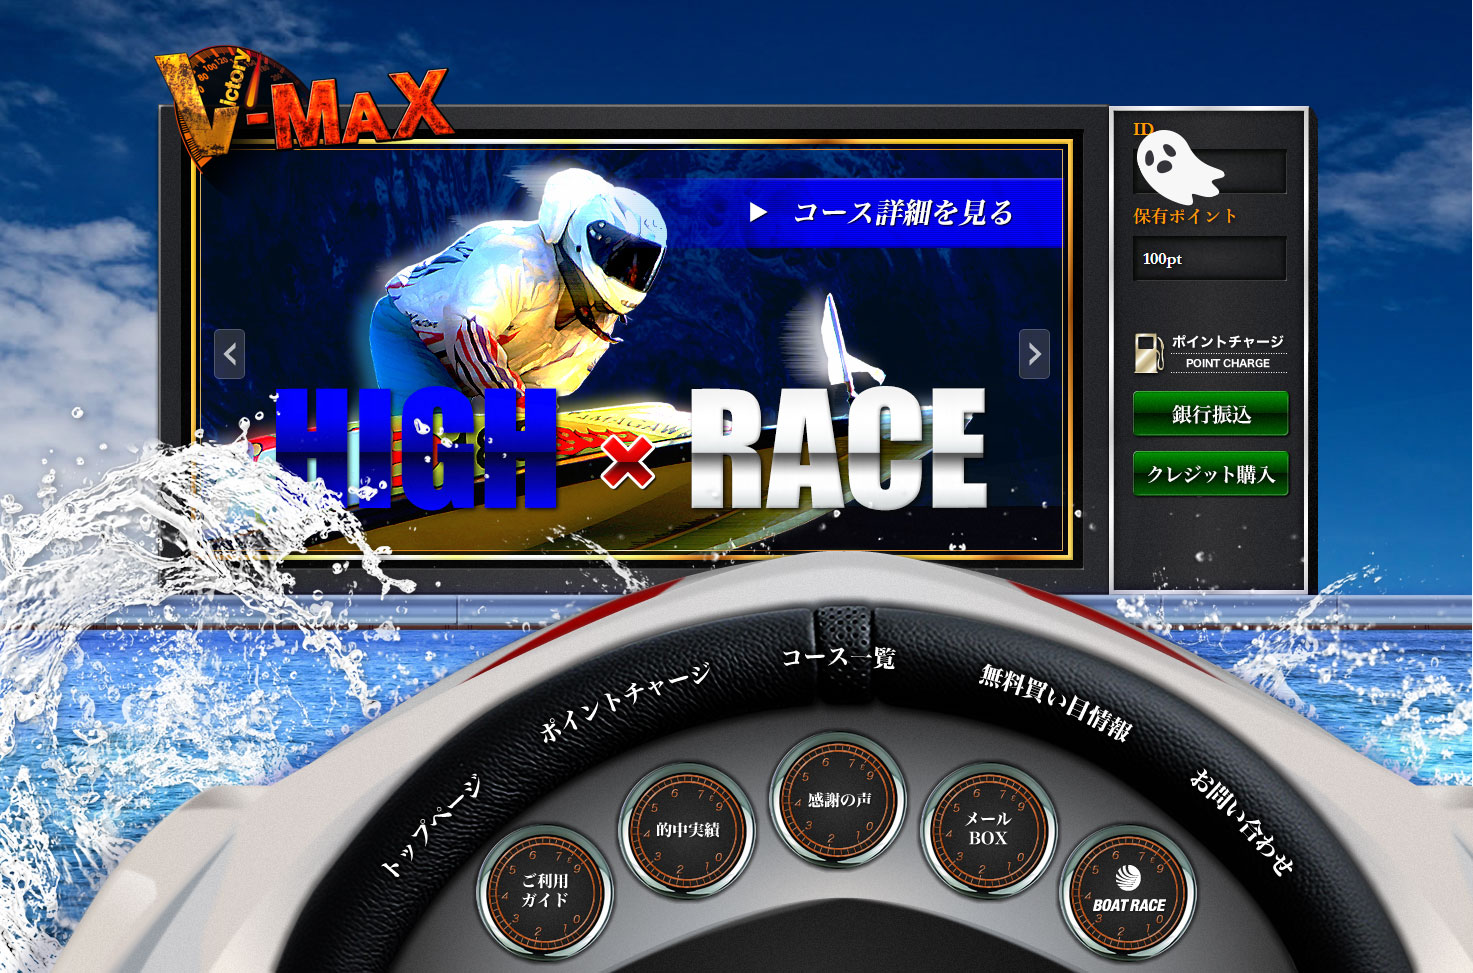 優良 V-MAX(ブイマックス)がリニューアル 競艇予想サイトの口コミ検証や無料情報の予想結果も公開中 リニューアル後も会員ページは何も変わらない